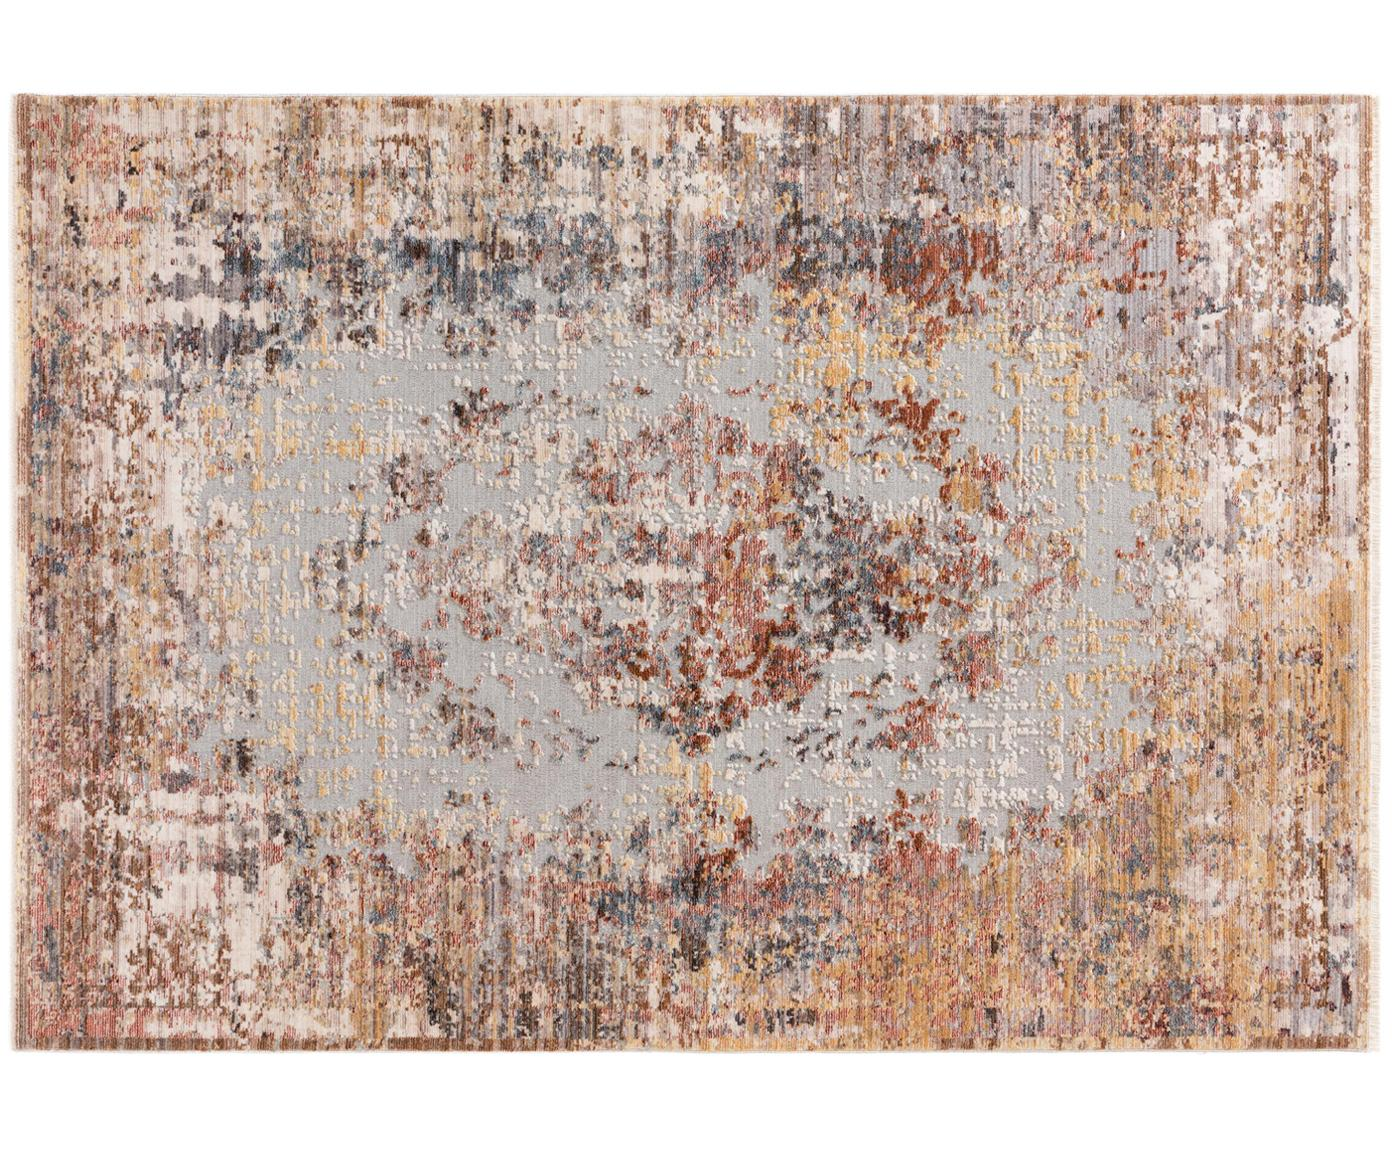 Dywan Valencia, Odcienie beżowego, odcienie brązowego, odcienie szarego, S 120 x D 170 cm (Rozmiar S)